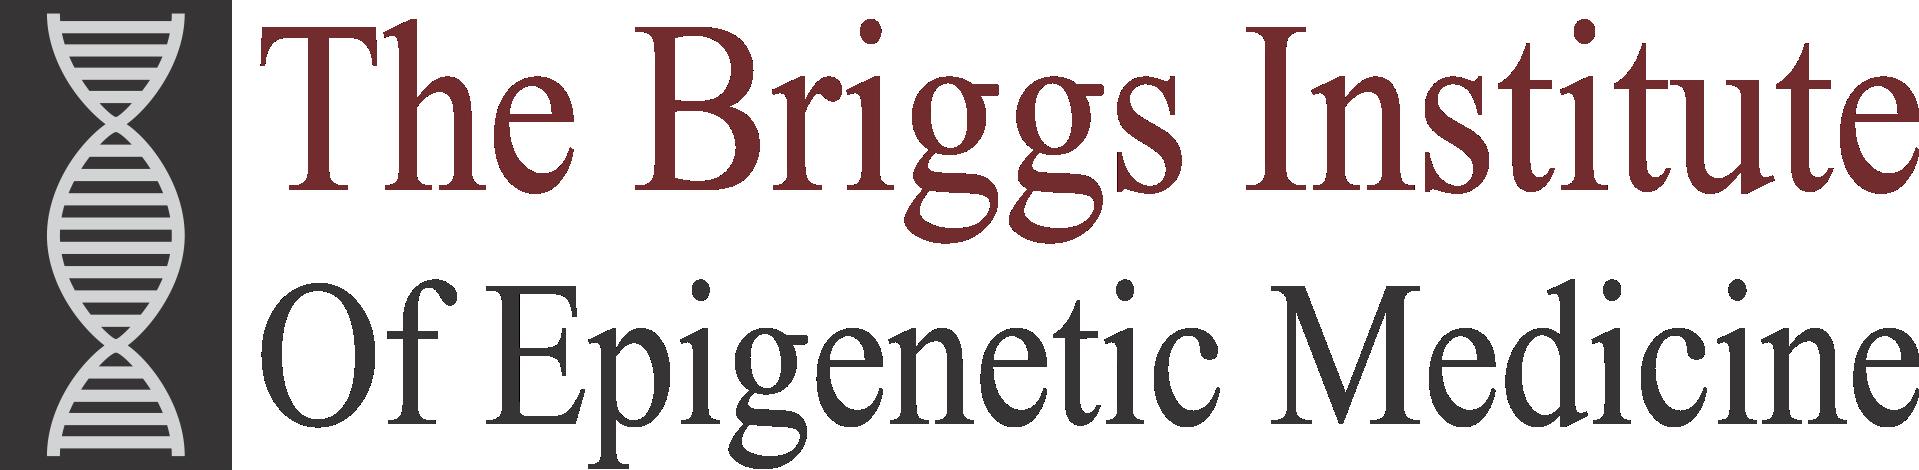 The Briggs Institute of Epigenetic Medicine